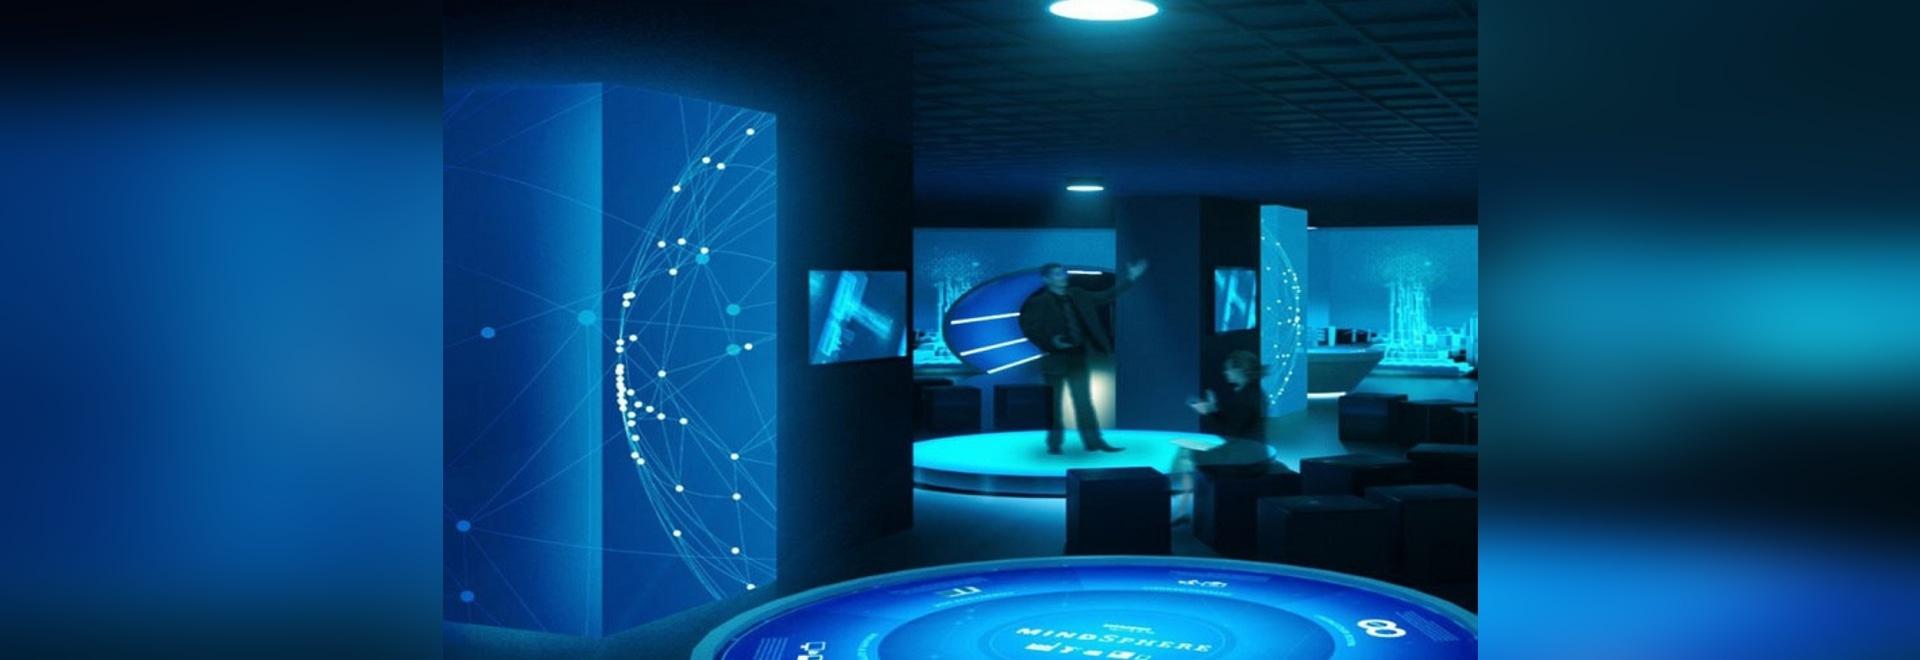 Siemens MindSphere konnte die Ankunft von Industrie 4,0 beschleunigen